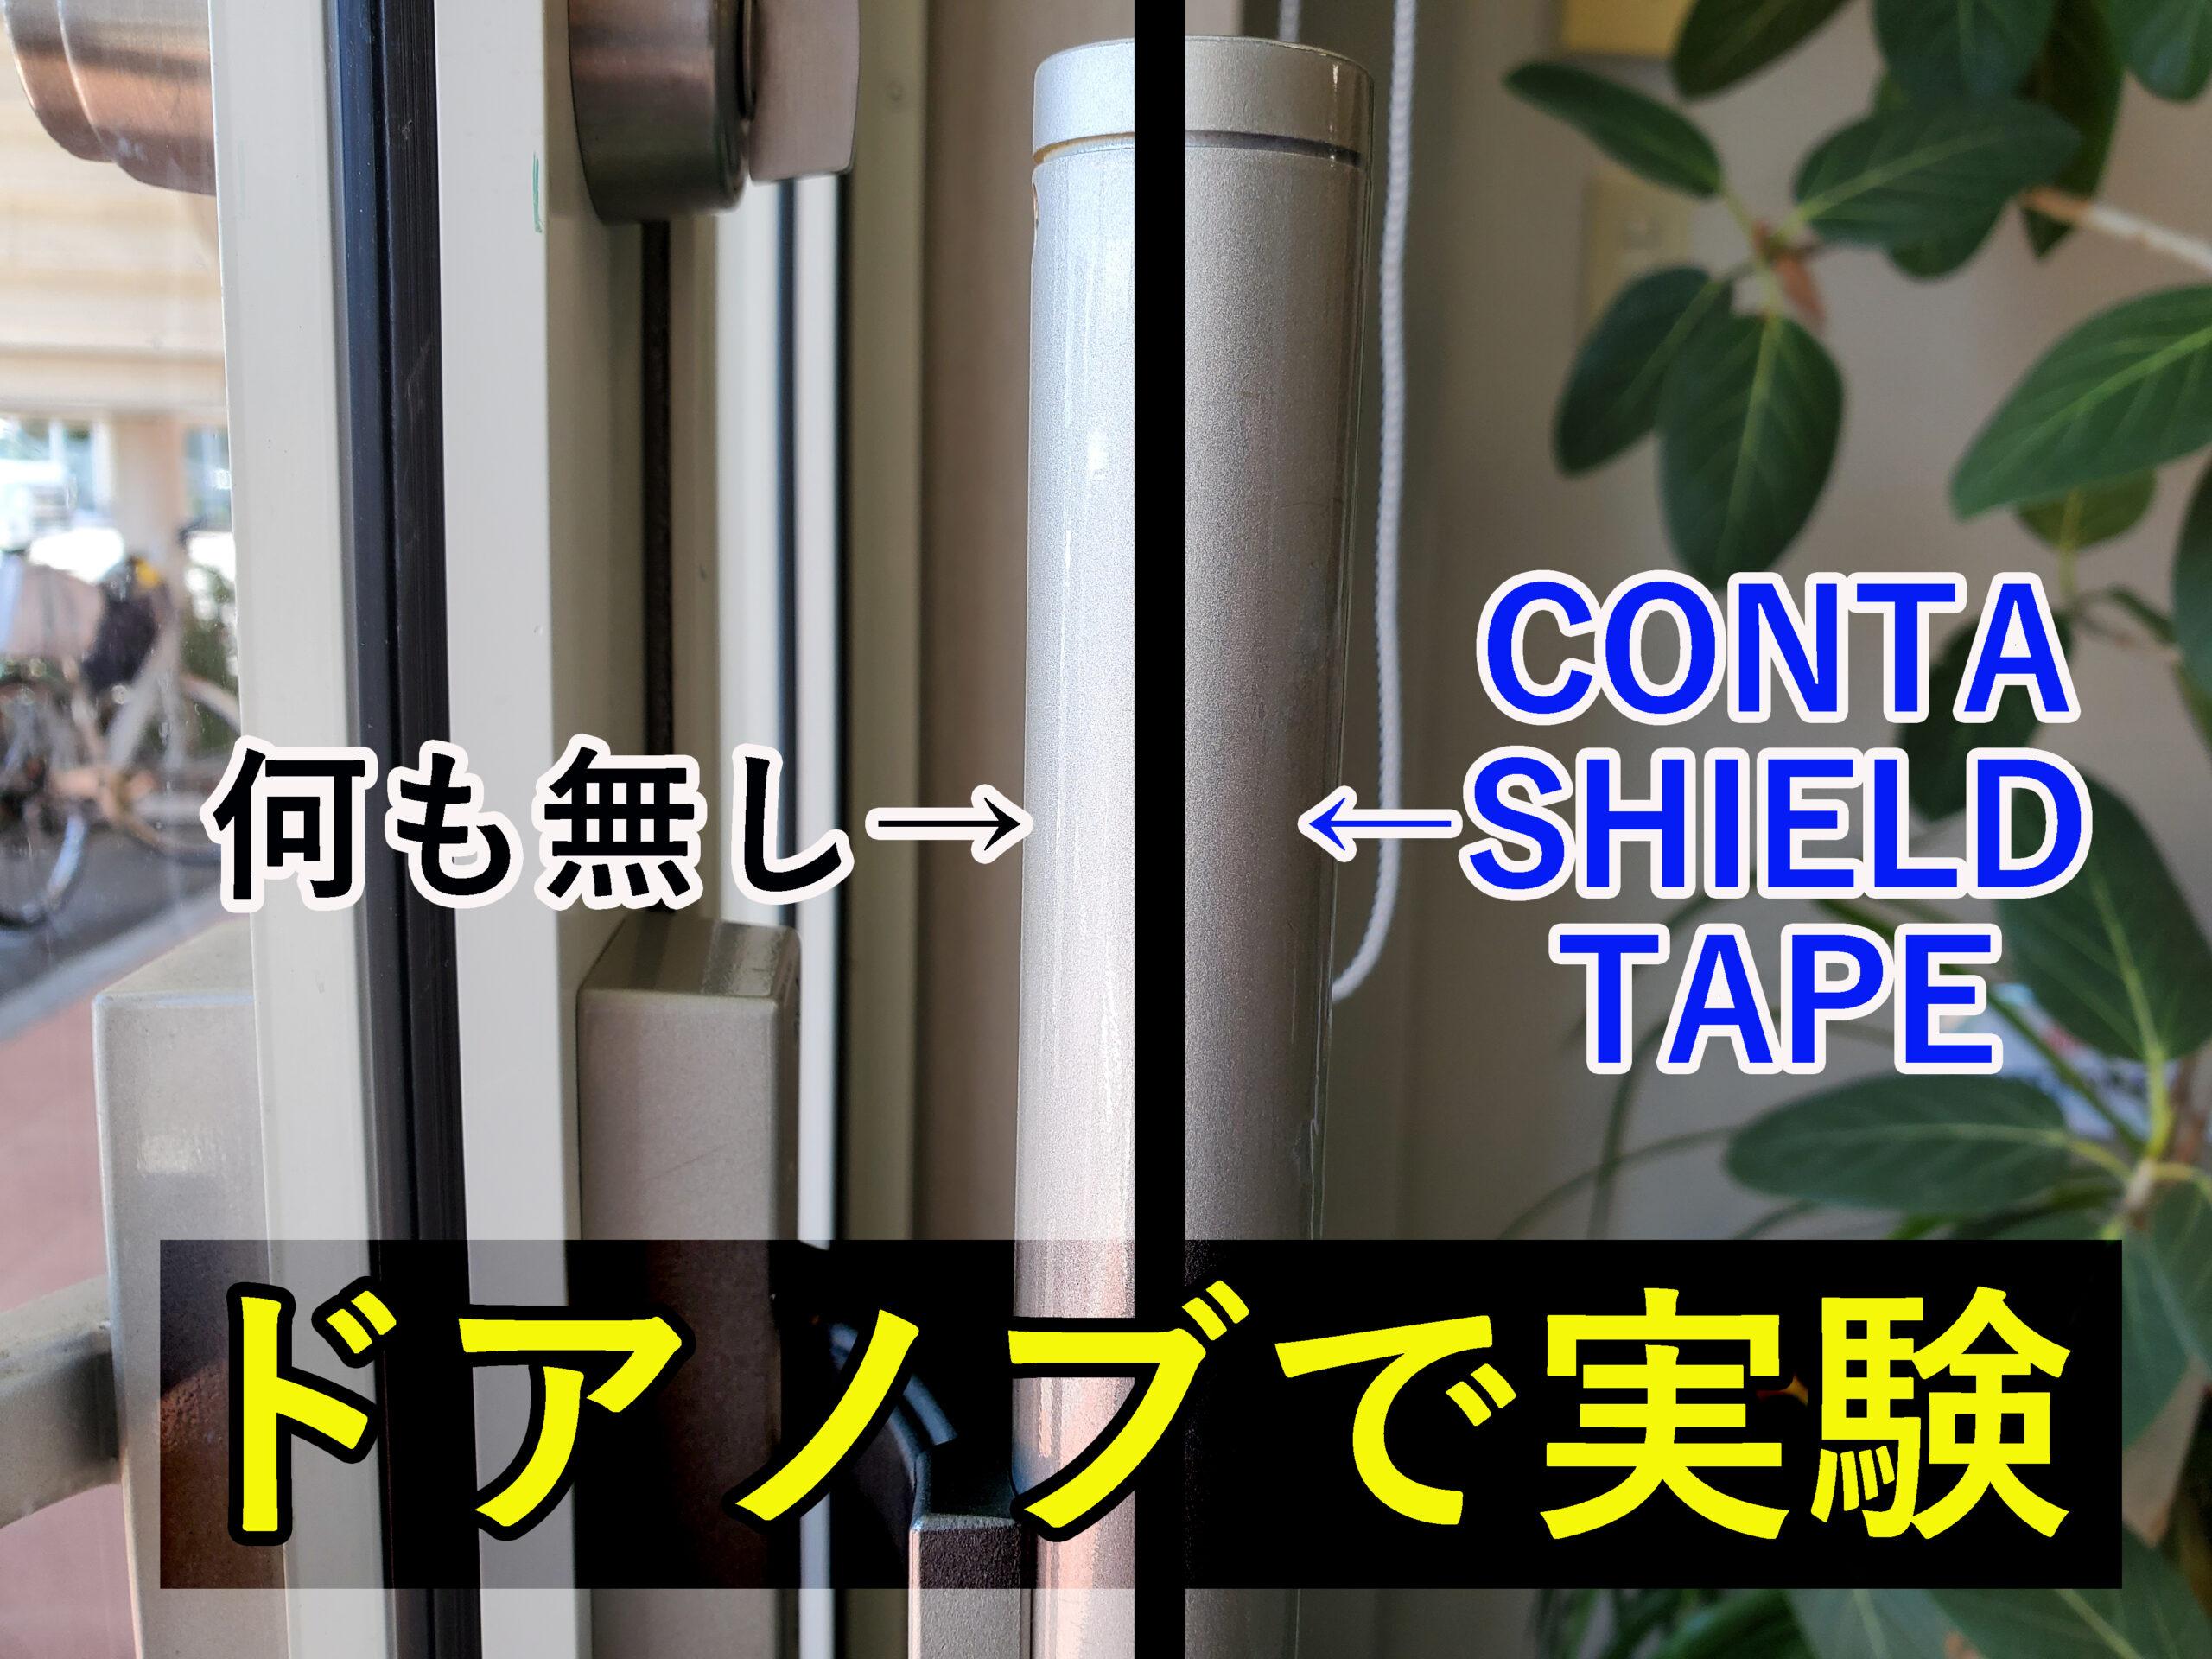 新製品「CONTA SHIELD TAPE/コンタシールドテープ」のご案内